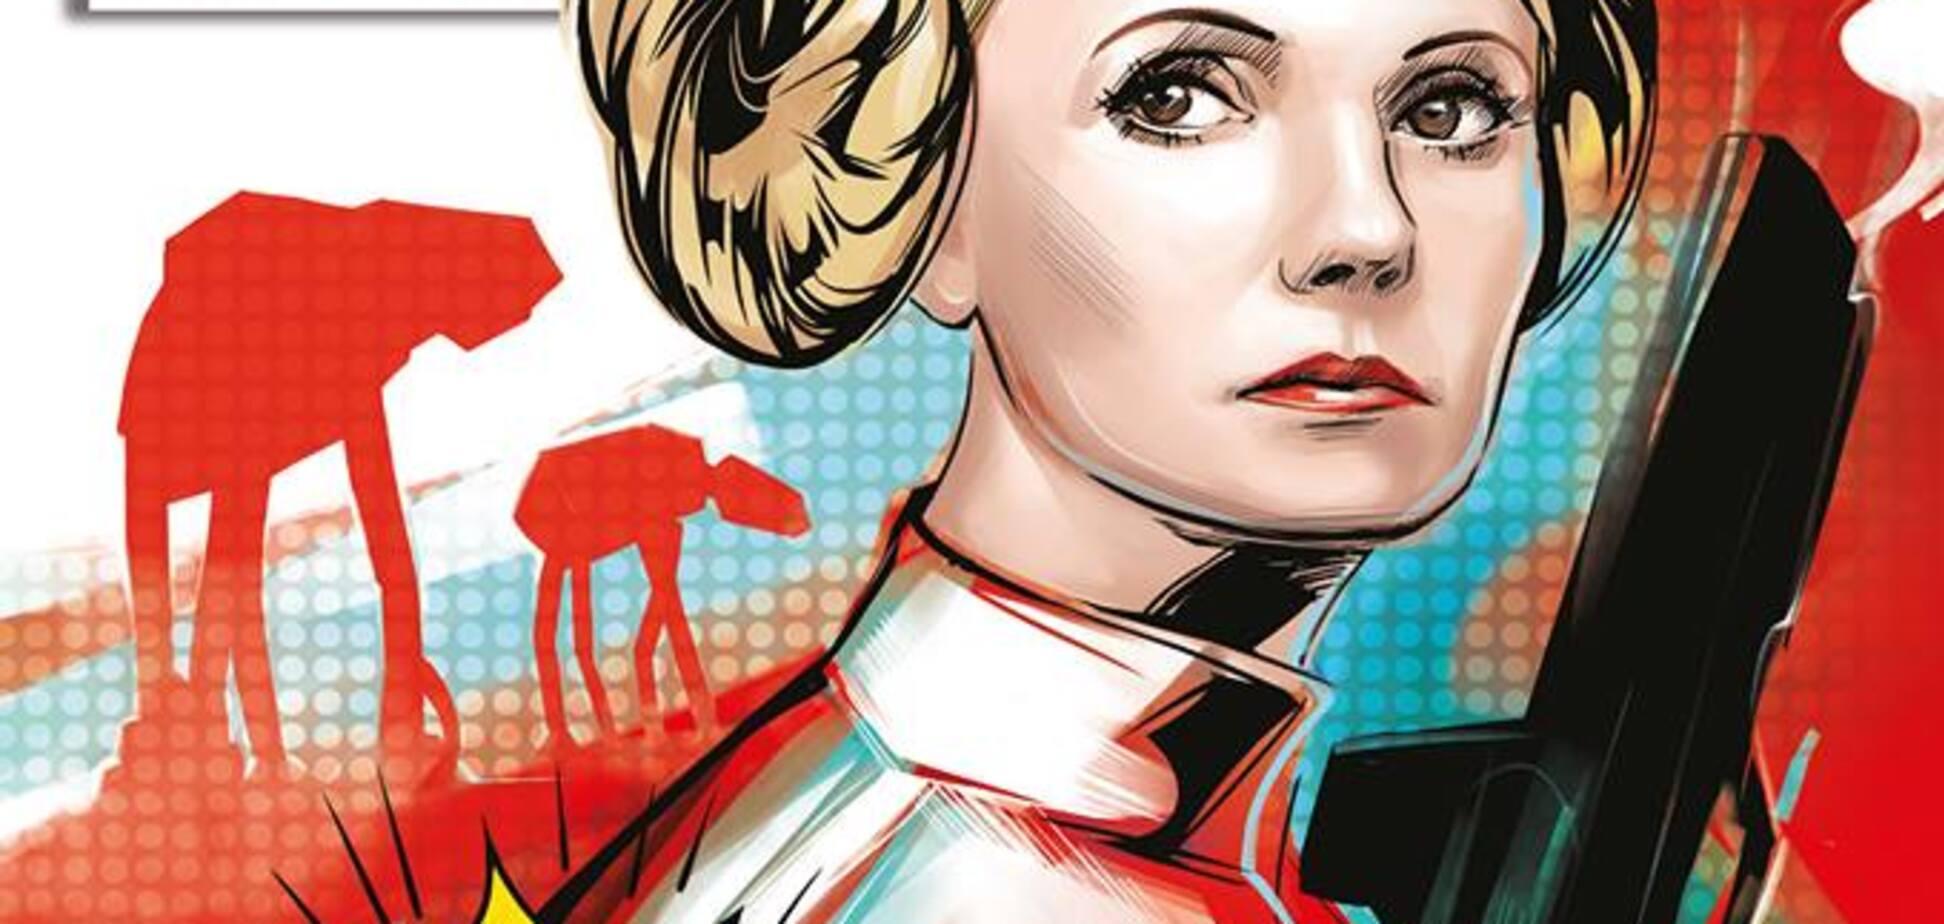 Победила Подервянского: в сети появился комикс с Тимошенко в стиле 'Звездных войн'